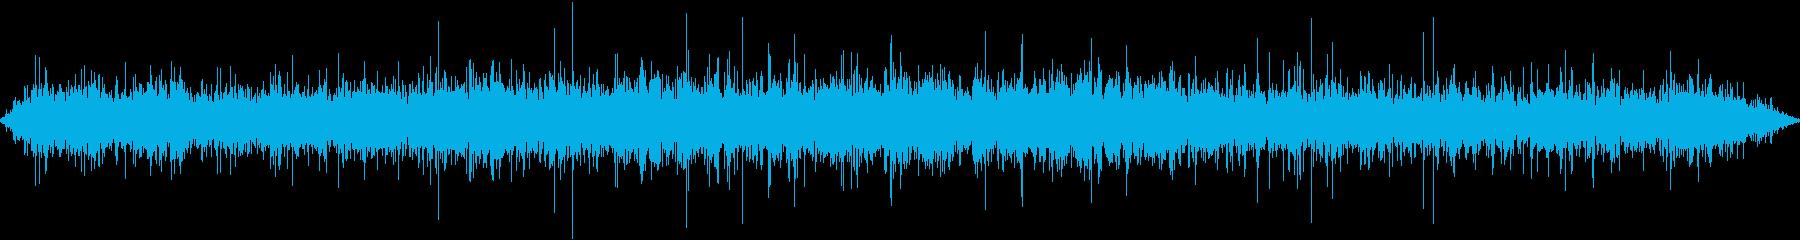 水中河川のラピッド:低気泡とゴボゴ...の再生済みの波形